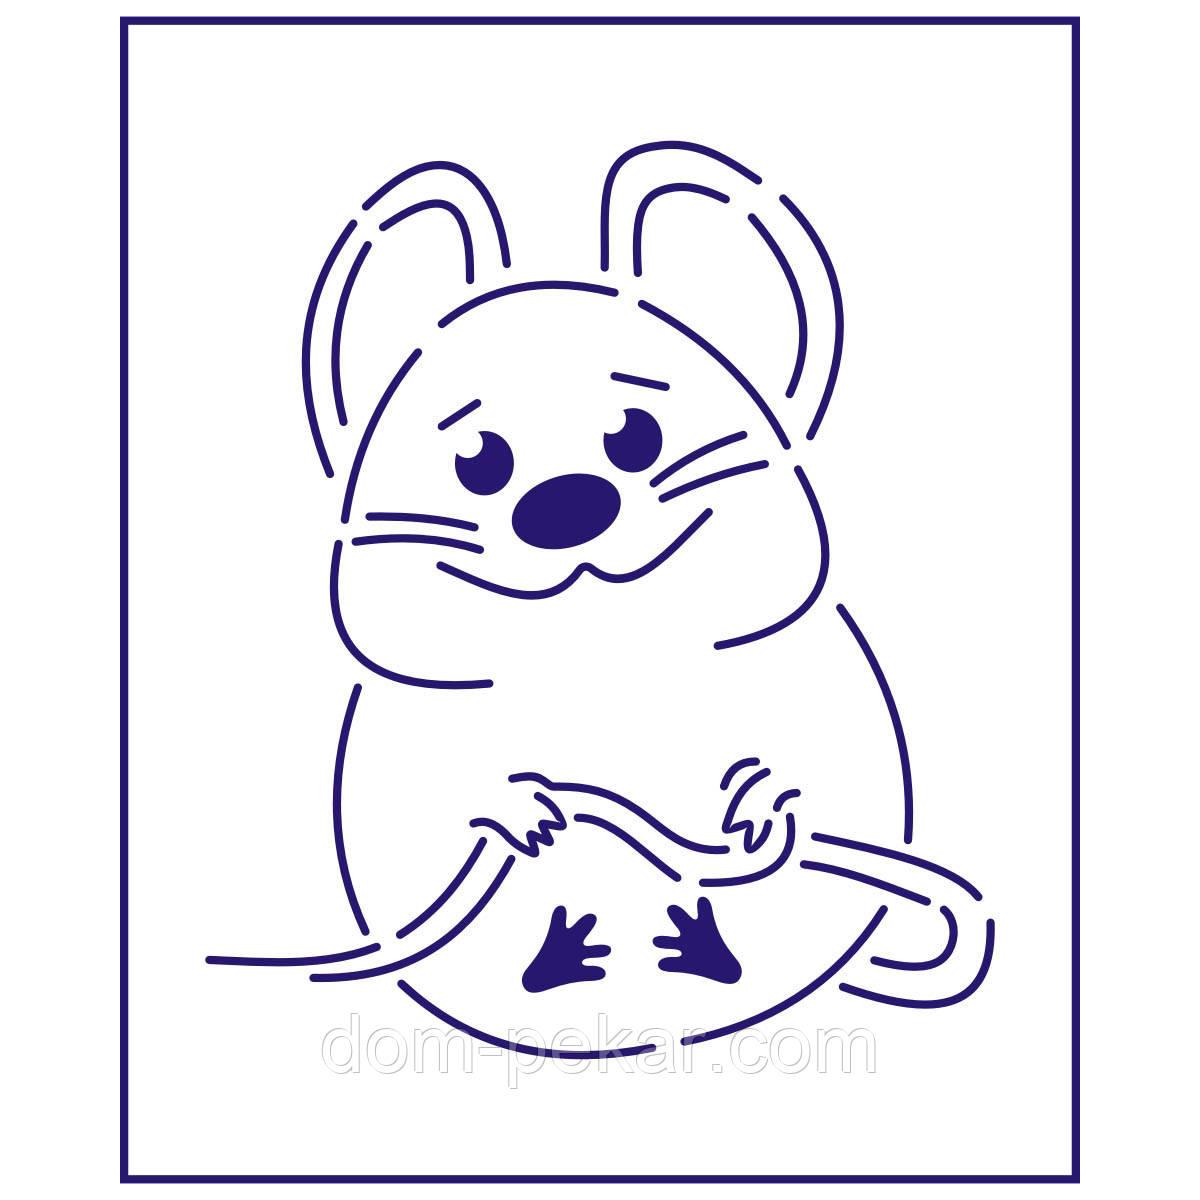 Трафарет Веселая мышка 11*9,5 см (TR-1)